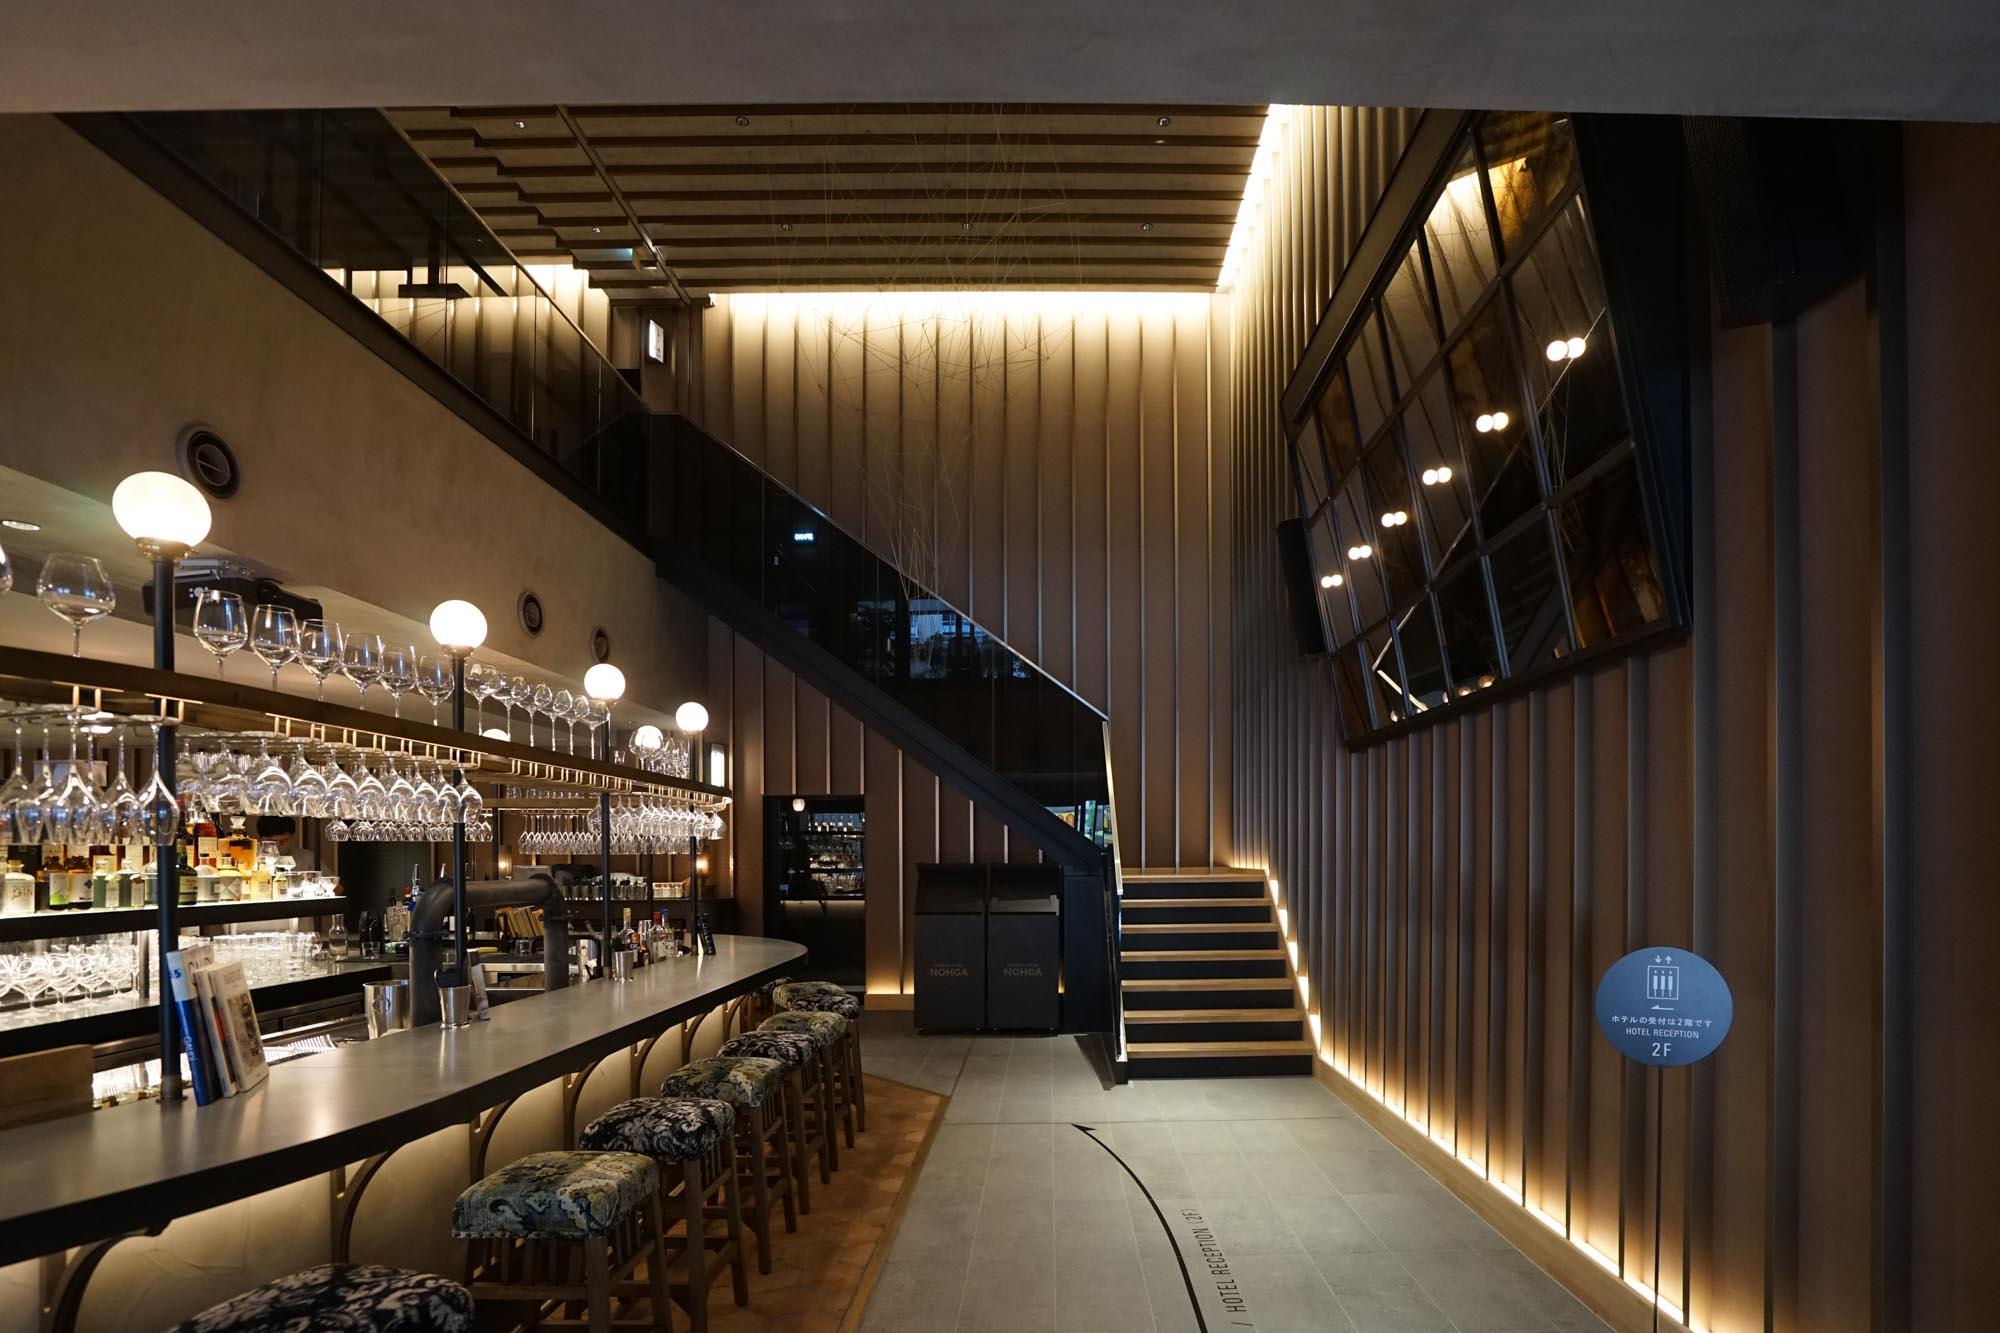 「ノーガホテル」は、『地域との深いつながりから生まれる素敵な経験』をコンセプトに2018年に誕生したホテルブランド。第1号としてオープンした上野に続き、2020年9月1日、クールジャパンの聖地である秋葉原にプレオープン期間として開業しました。